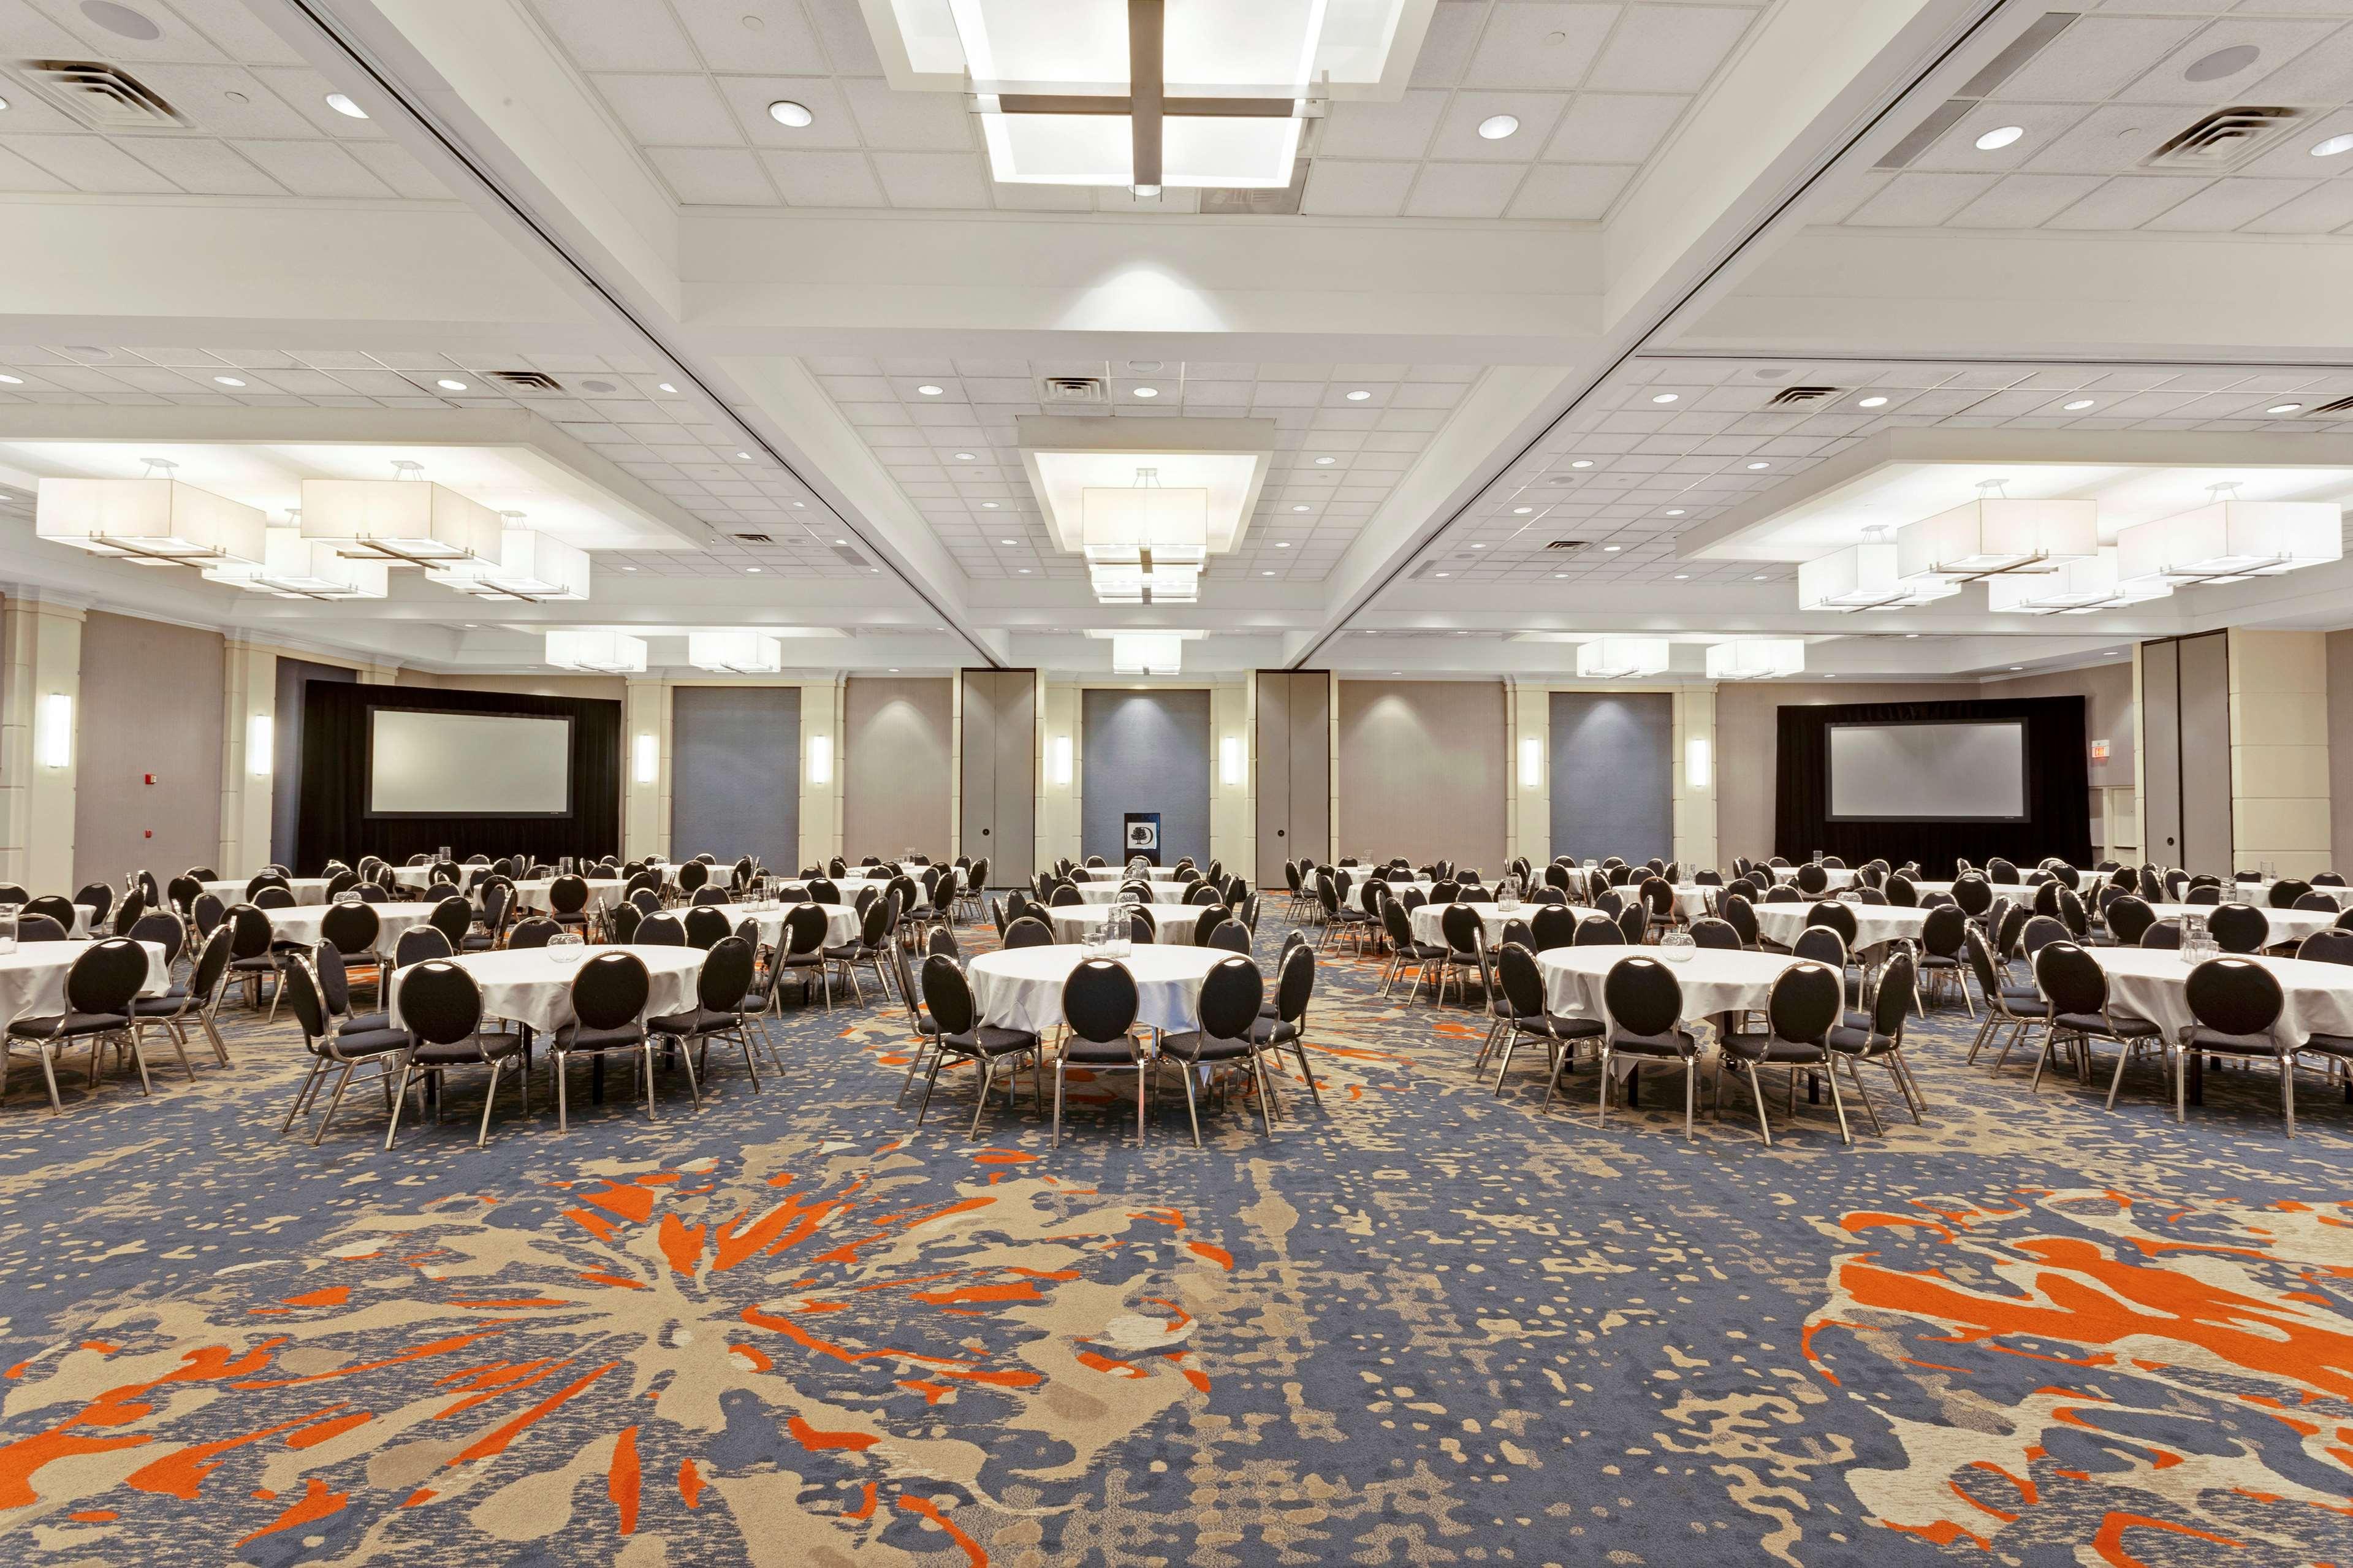 DoubleTree by Hilton Hotel Little Rock image 34